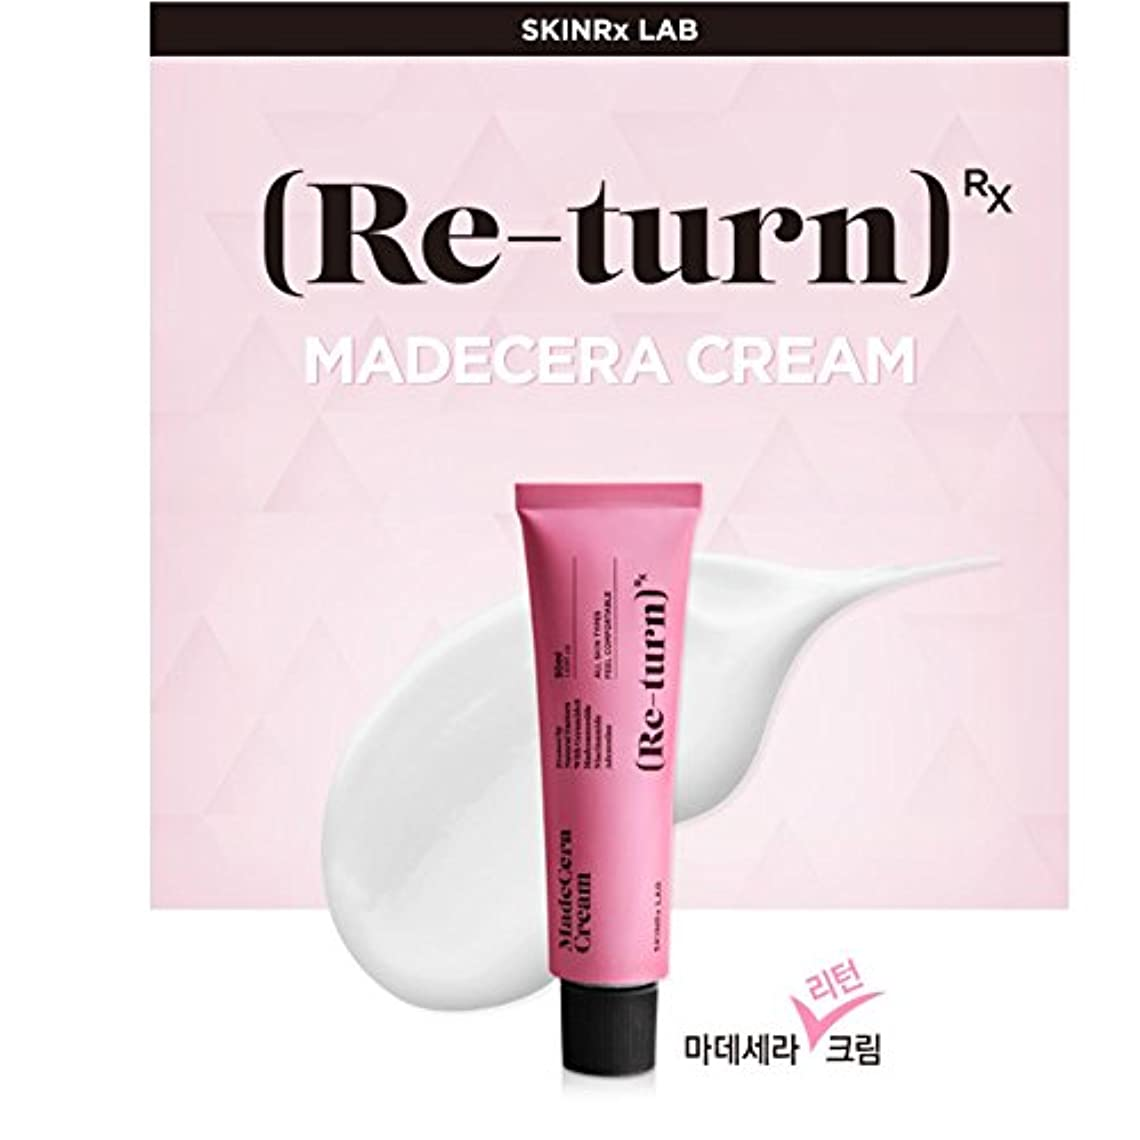 第二恐ろしいです福祉スキンアルエクスラップ マデセラ リターン クリーム 50ml / SKINRxLAB MadeCera Re-turn Cream 50ml (1.69oz)